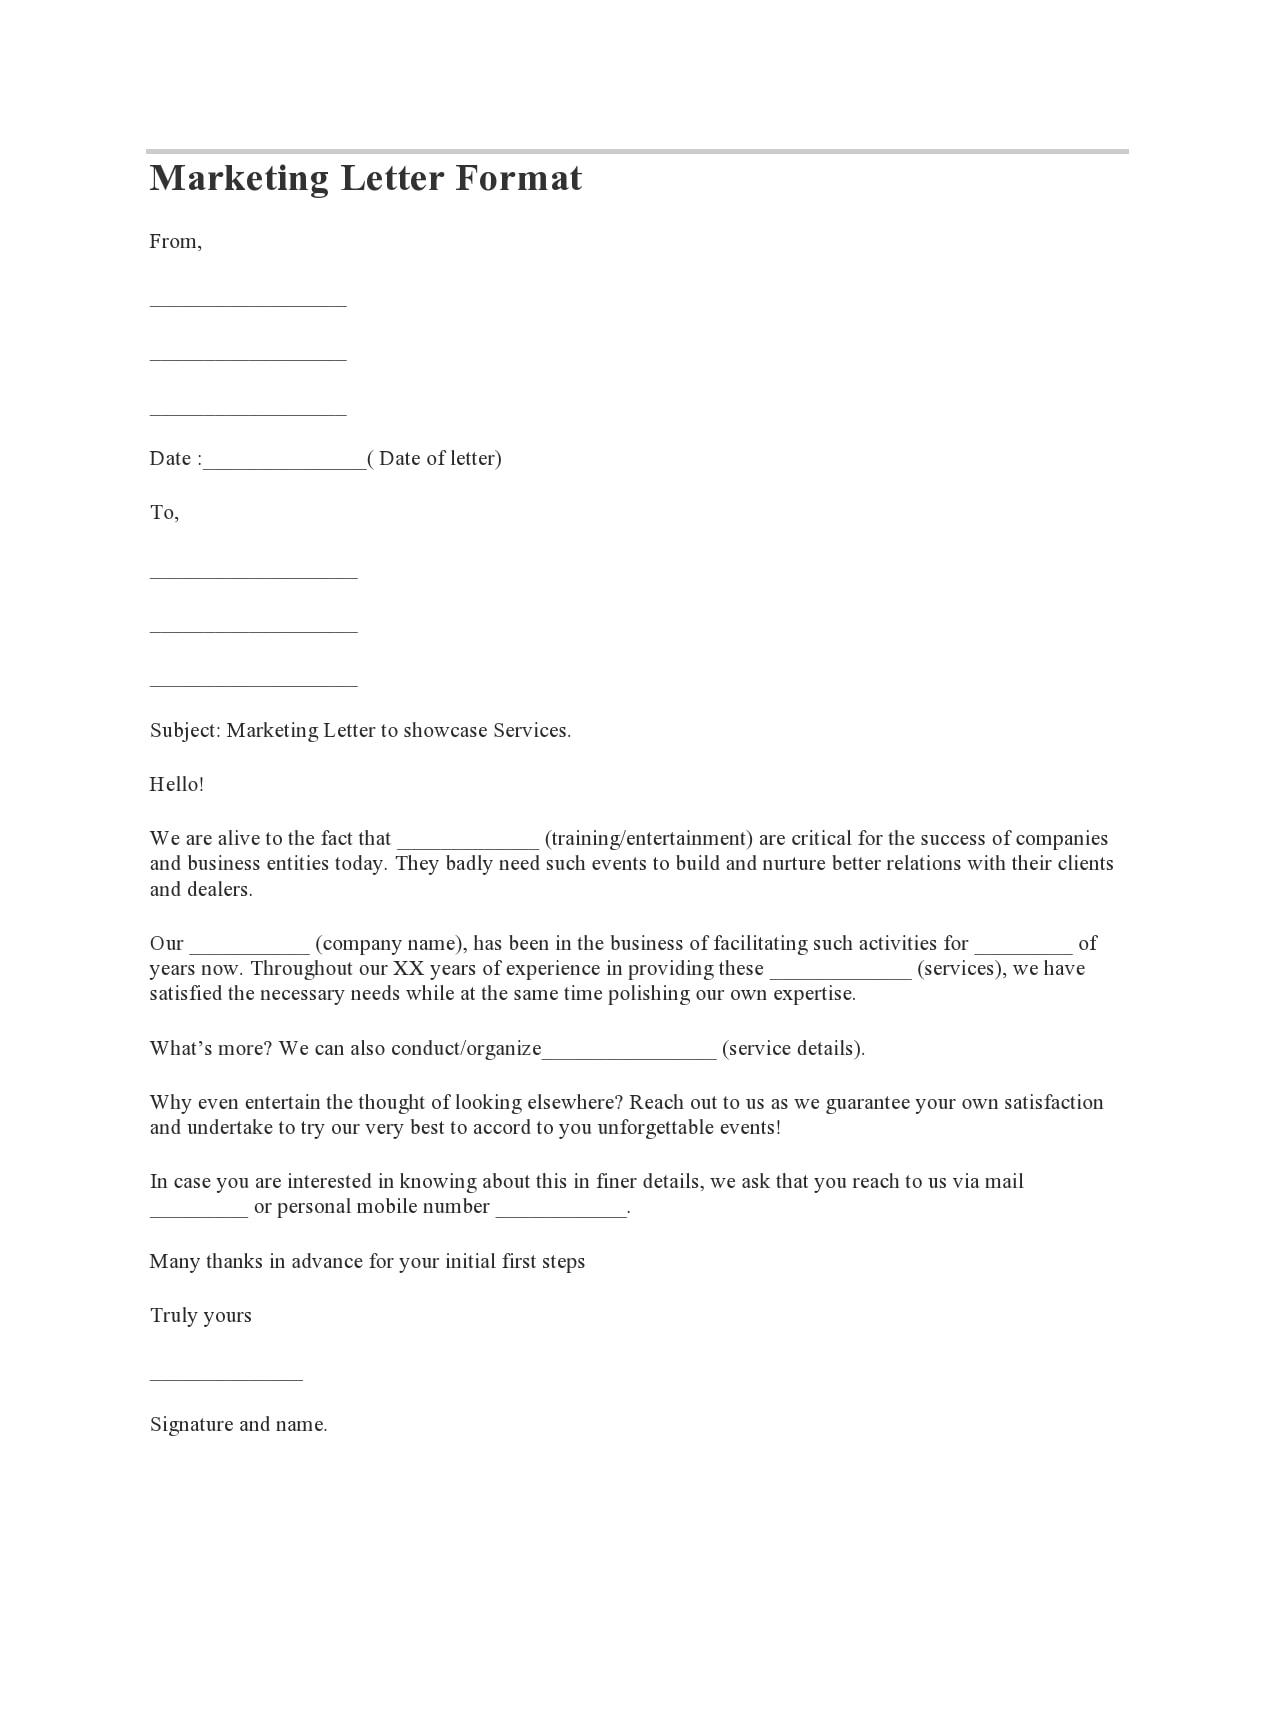 marketing letter 02